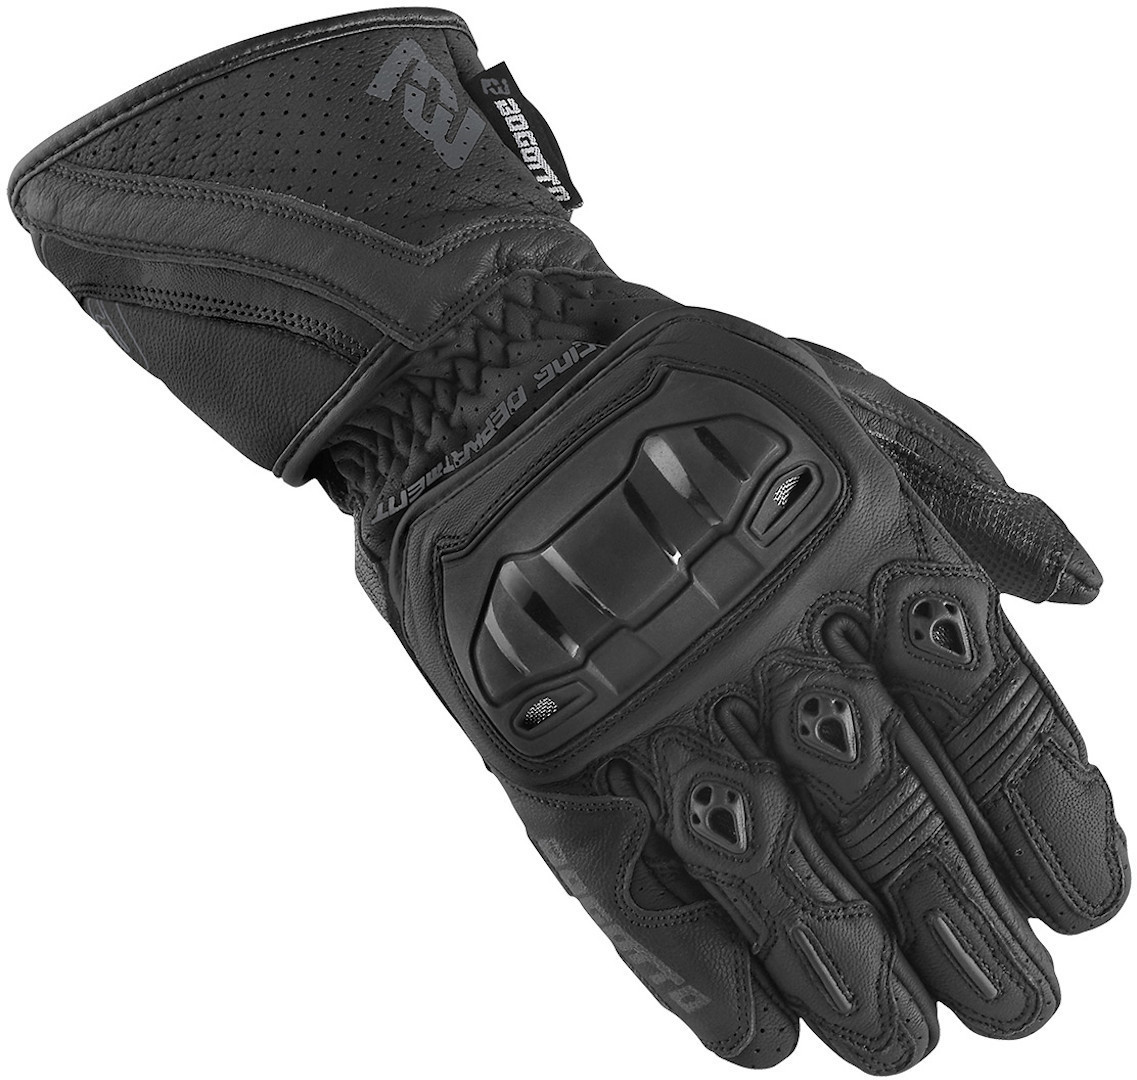 Bogotto Losail Motorradhandschuhe, schwarz, Größe S, schwarz, Größe S